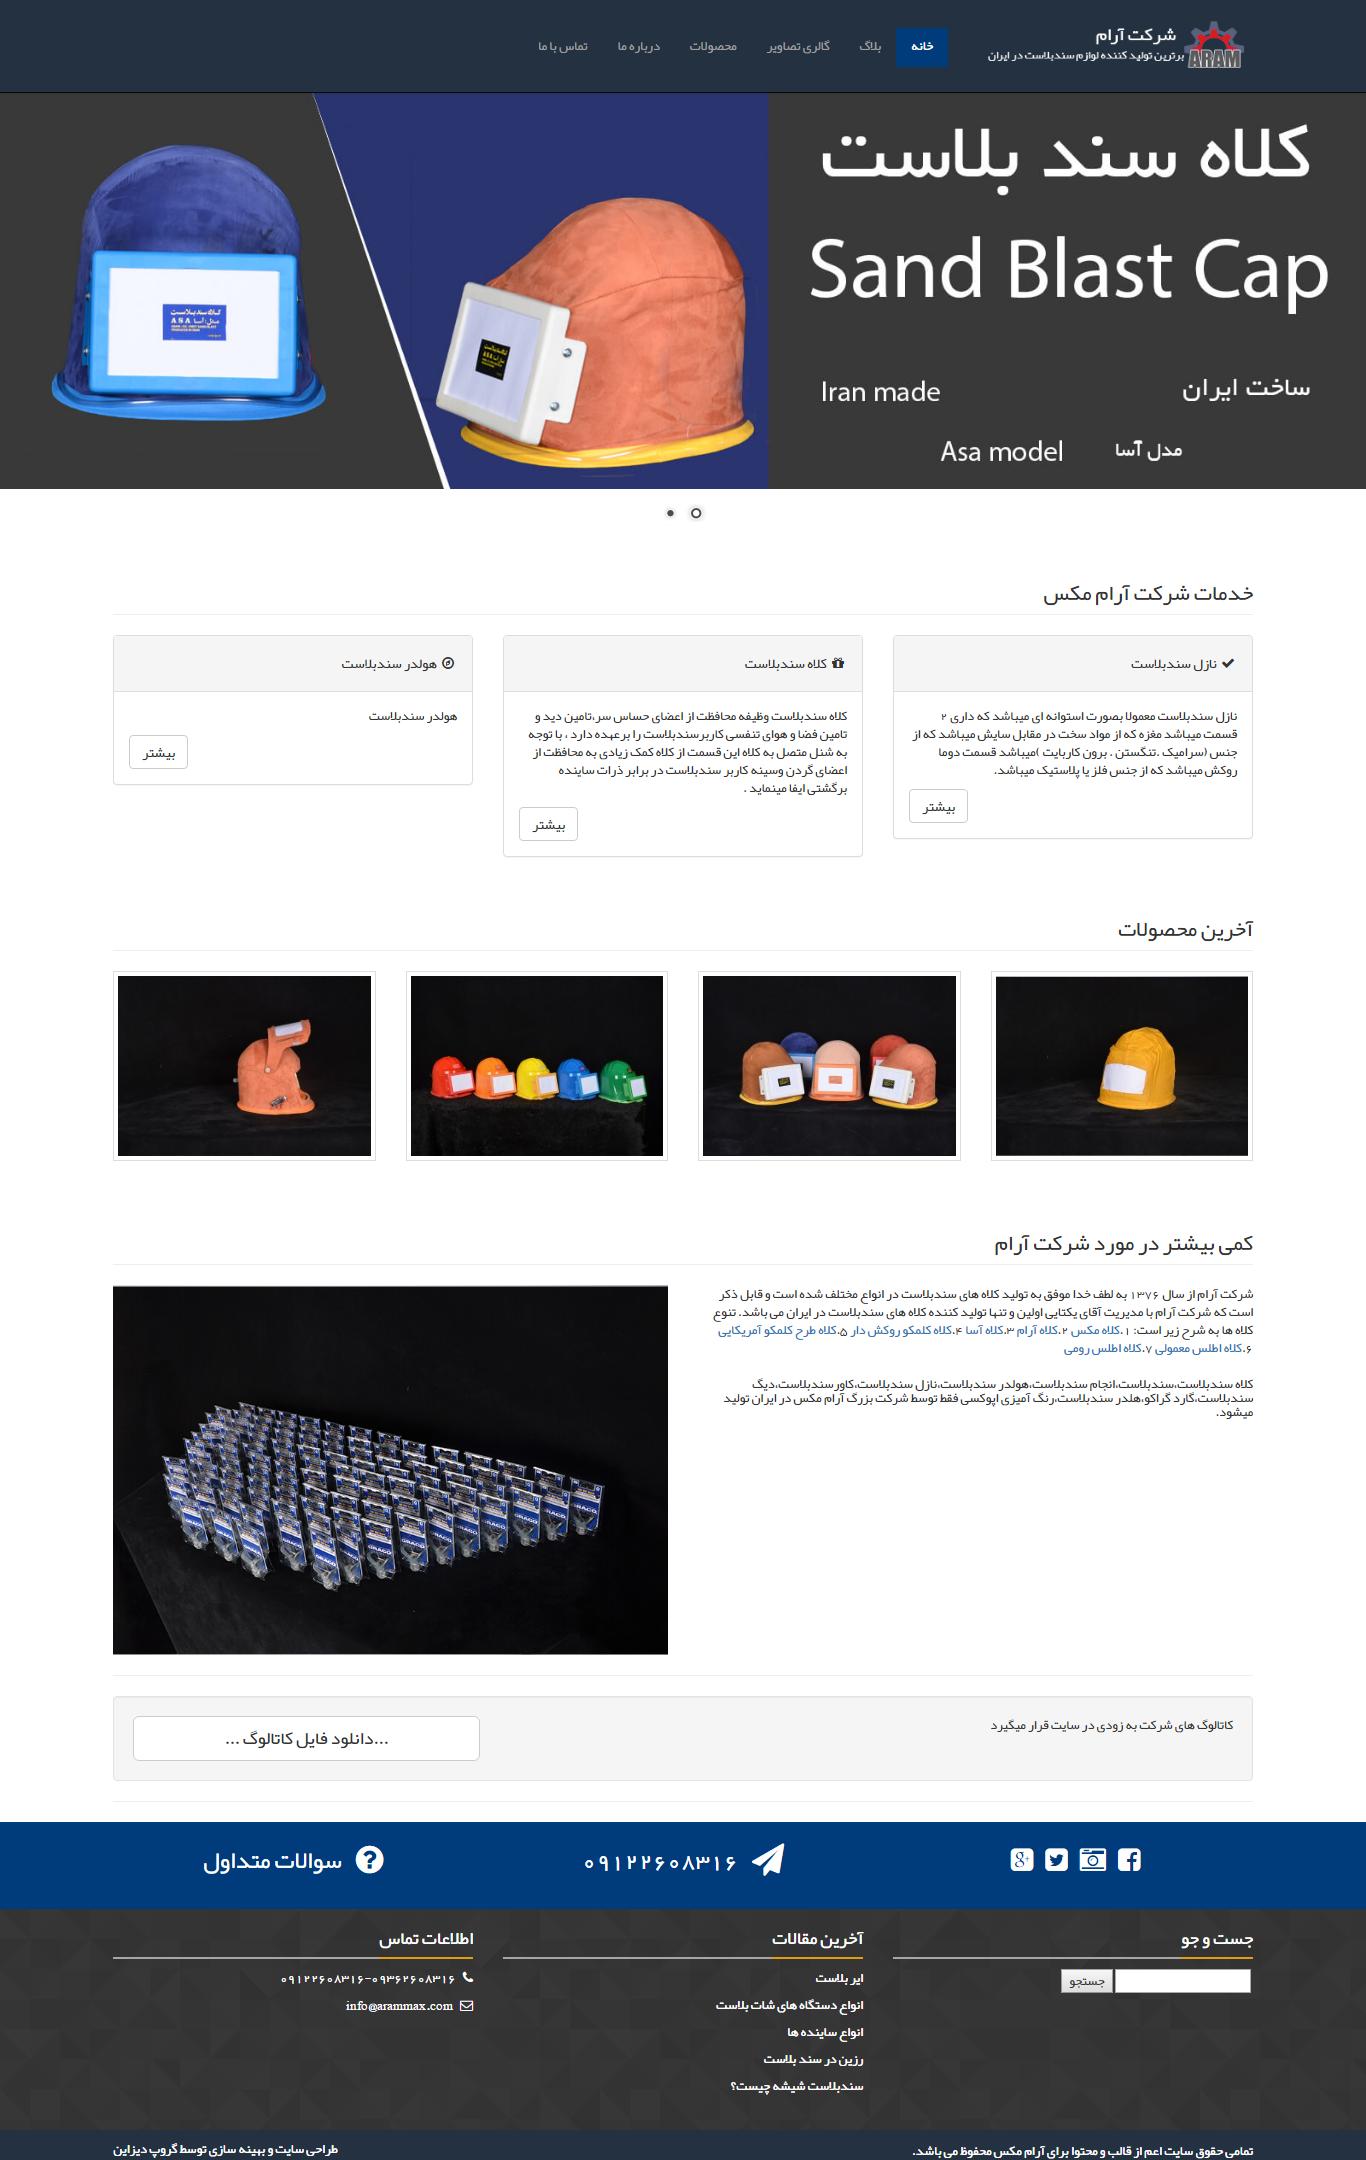 طراحی سایت شرکتی آرام مکس